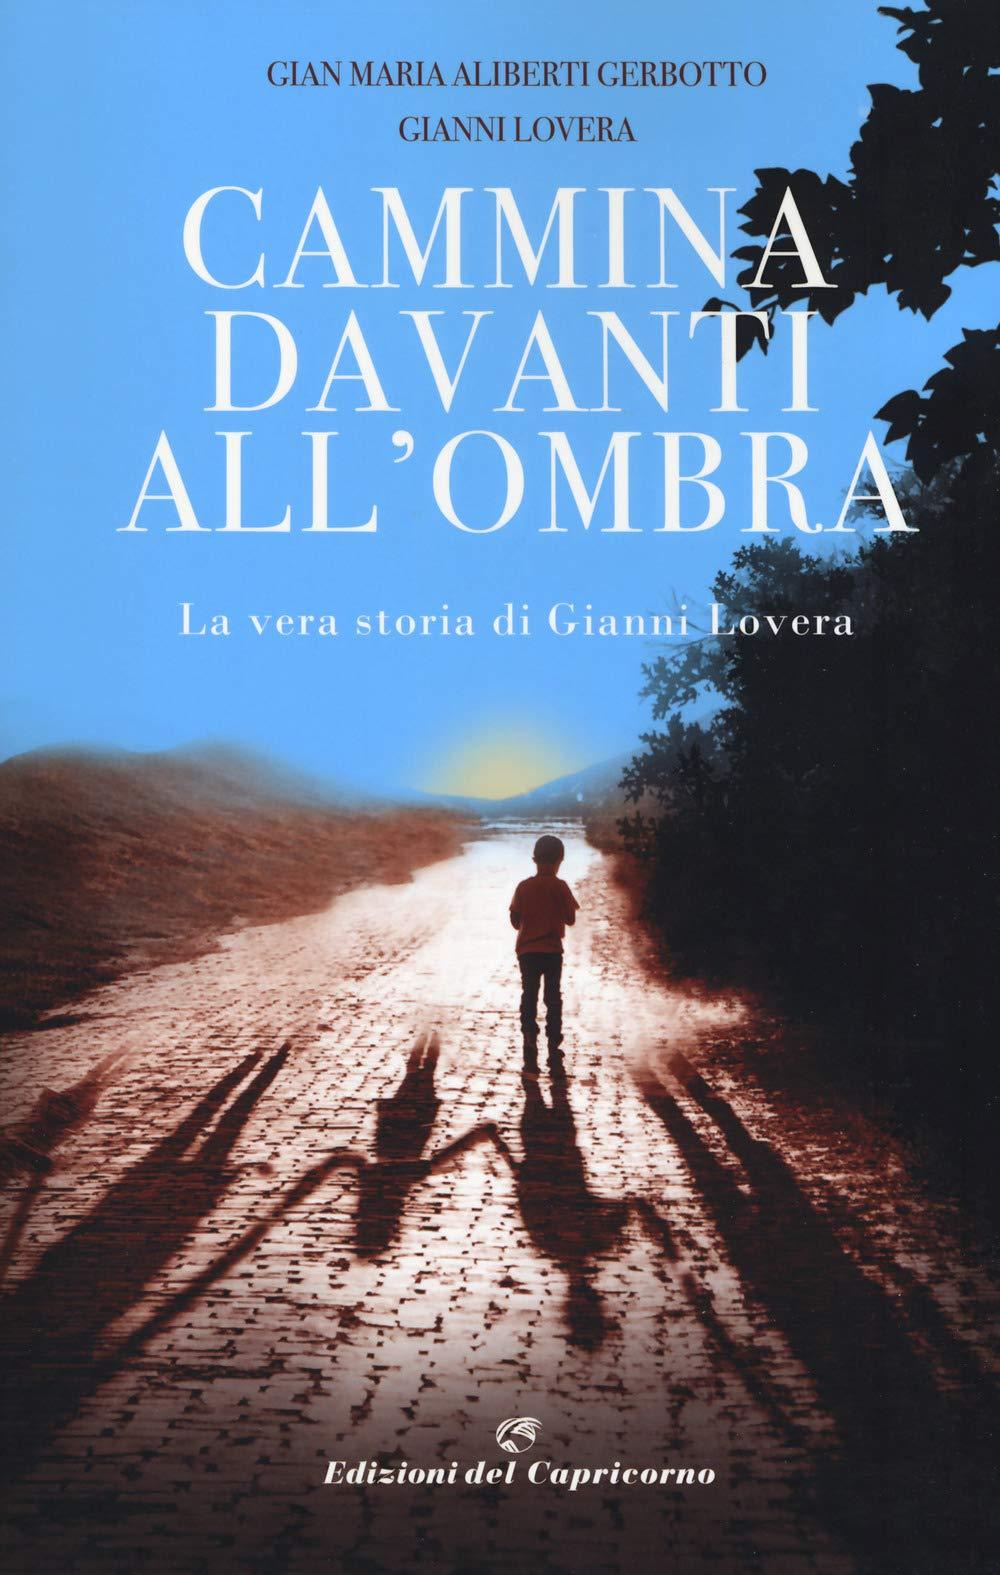 Cammina davanti all'ombra. La vera storia di Gianni Lovera : Aliberti  Gerbotto, Gian Maria, Lovera, Gianni: Amazon.it: Libri